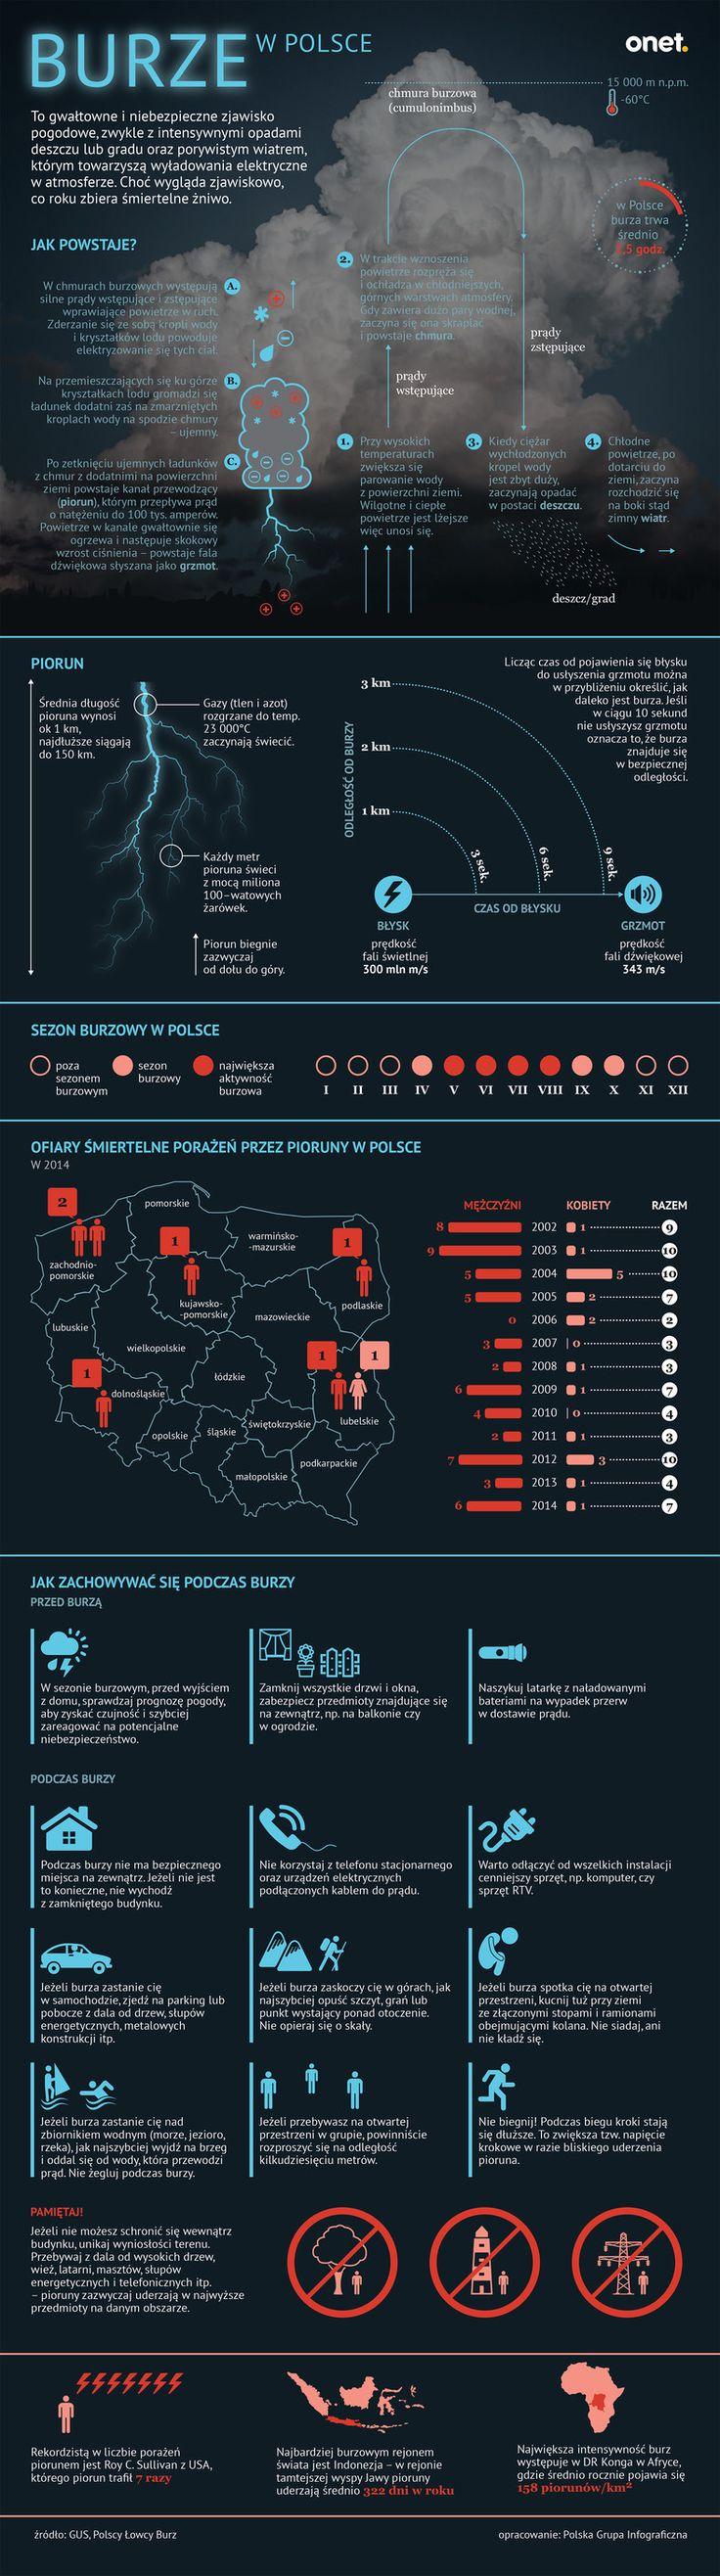 Burze w Polsce [INFOGRAFIKA] - Wiadomości